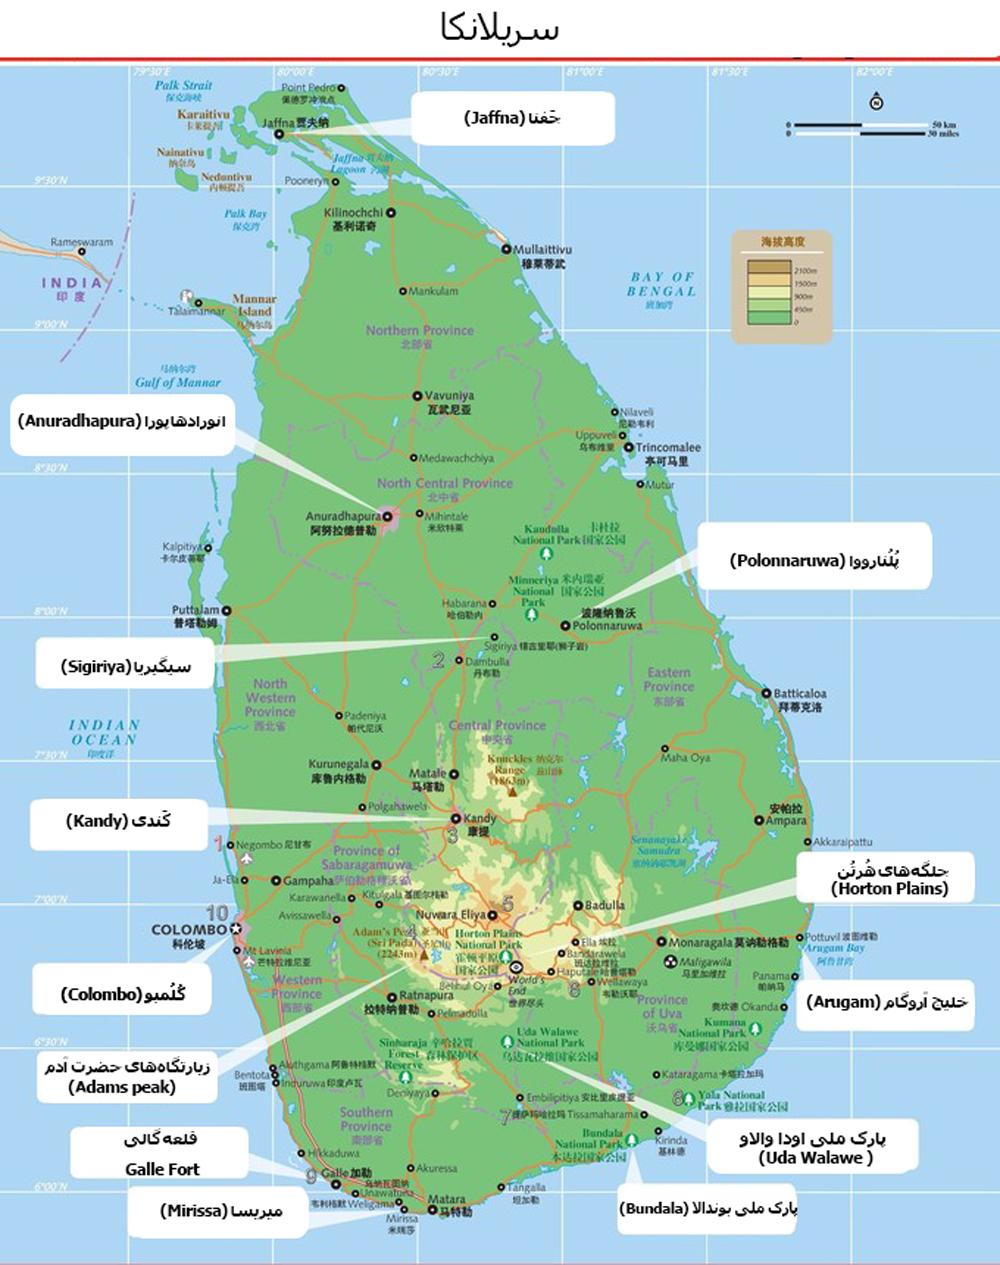 از آنجایی که این جزیره زیبا درست در کنار شبه جزیره هند قرار گرفته و شبیه به گوشواره است؛ به آن لقب گوشواره هند دادهاند.